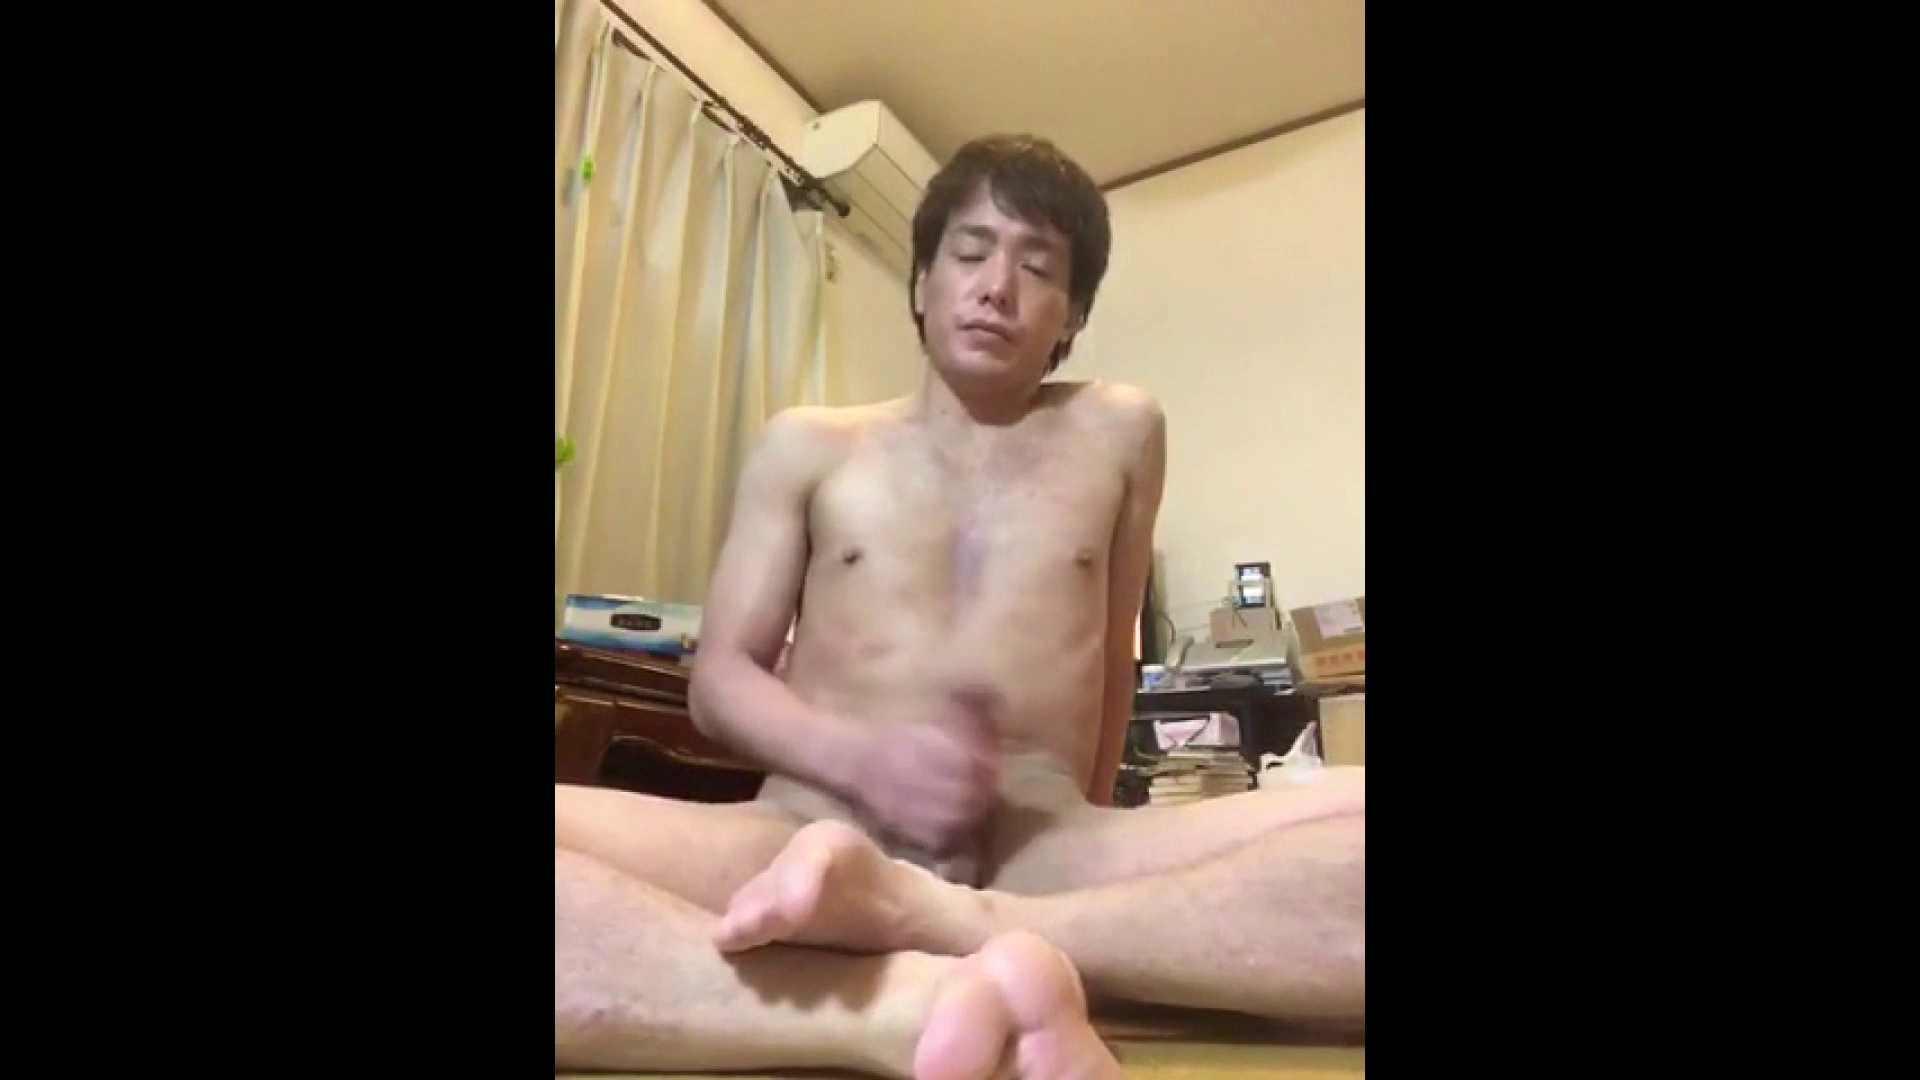 個人撮影 自慰の極意 Vol.30 無修正 ゲイAV画像 78pic 4